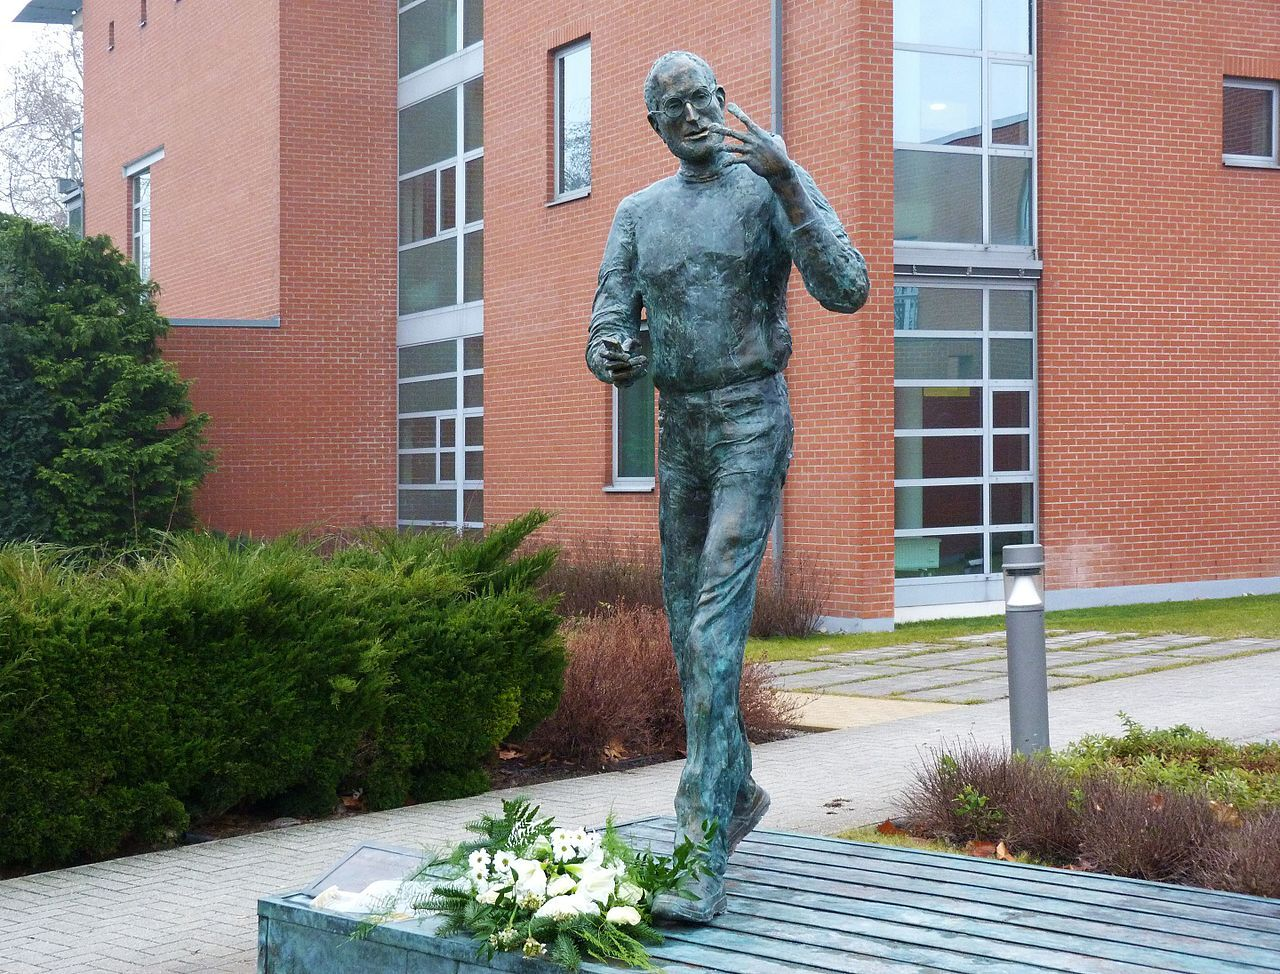 Donald Trump vill bygga staty av Steve Jobs